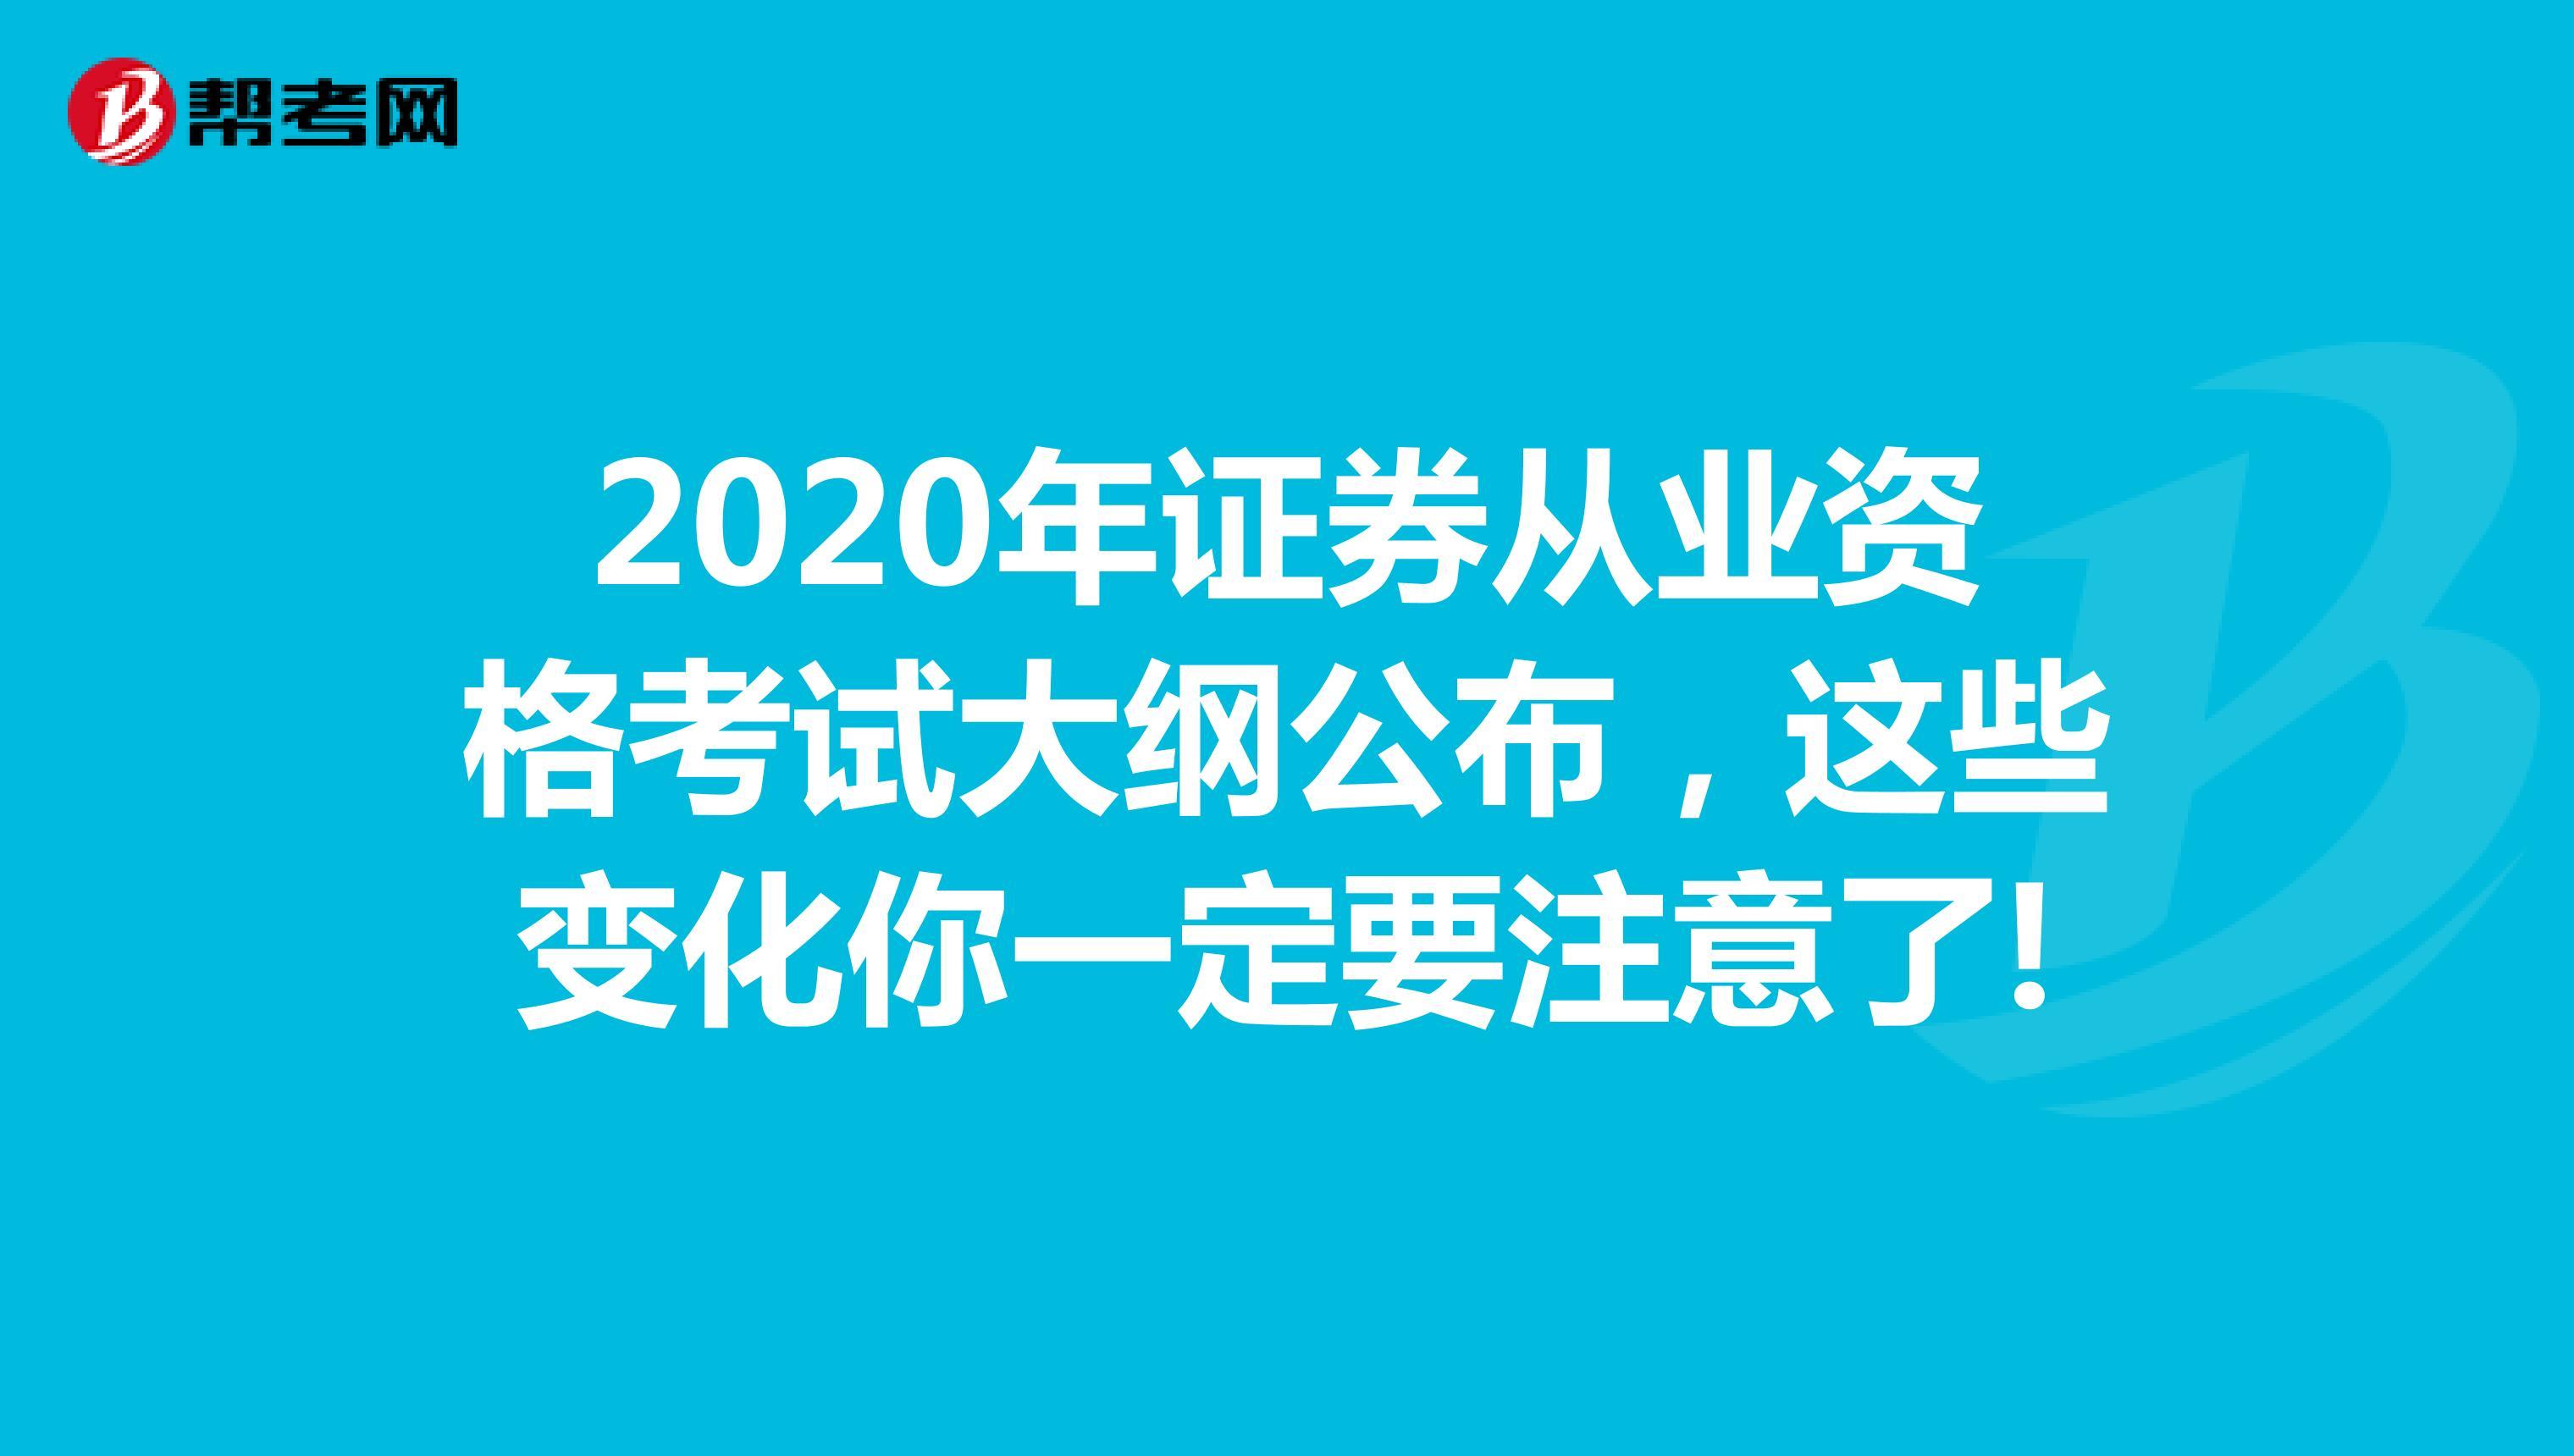 2020年證券從業資格考試大綱公布,這些變化你一定要注意了!